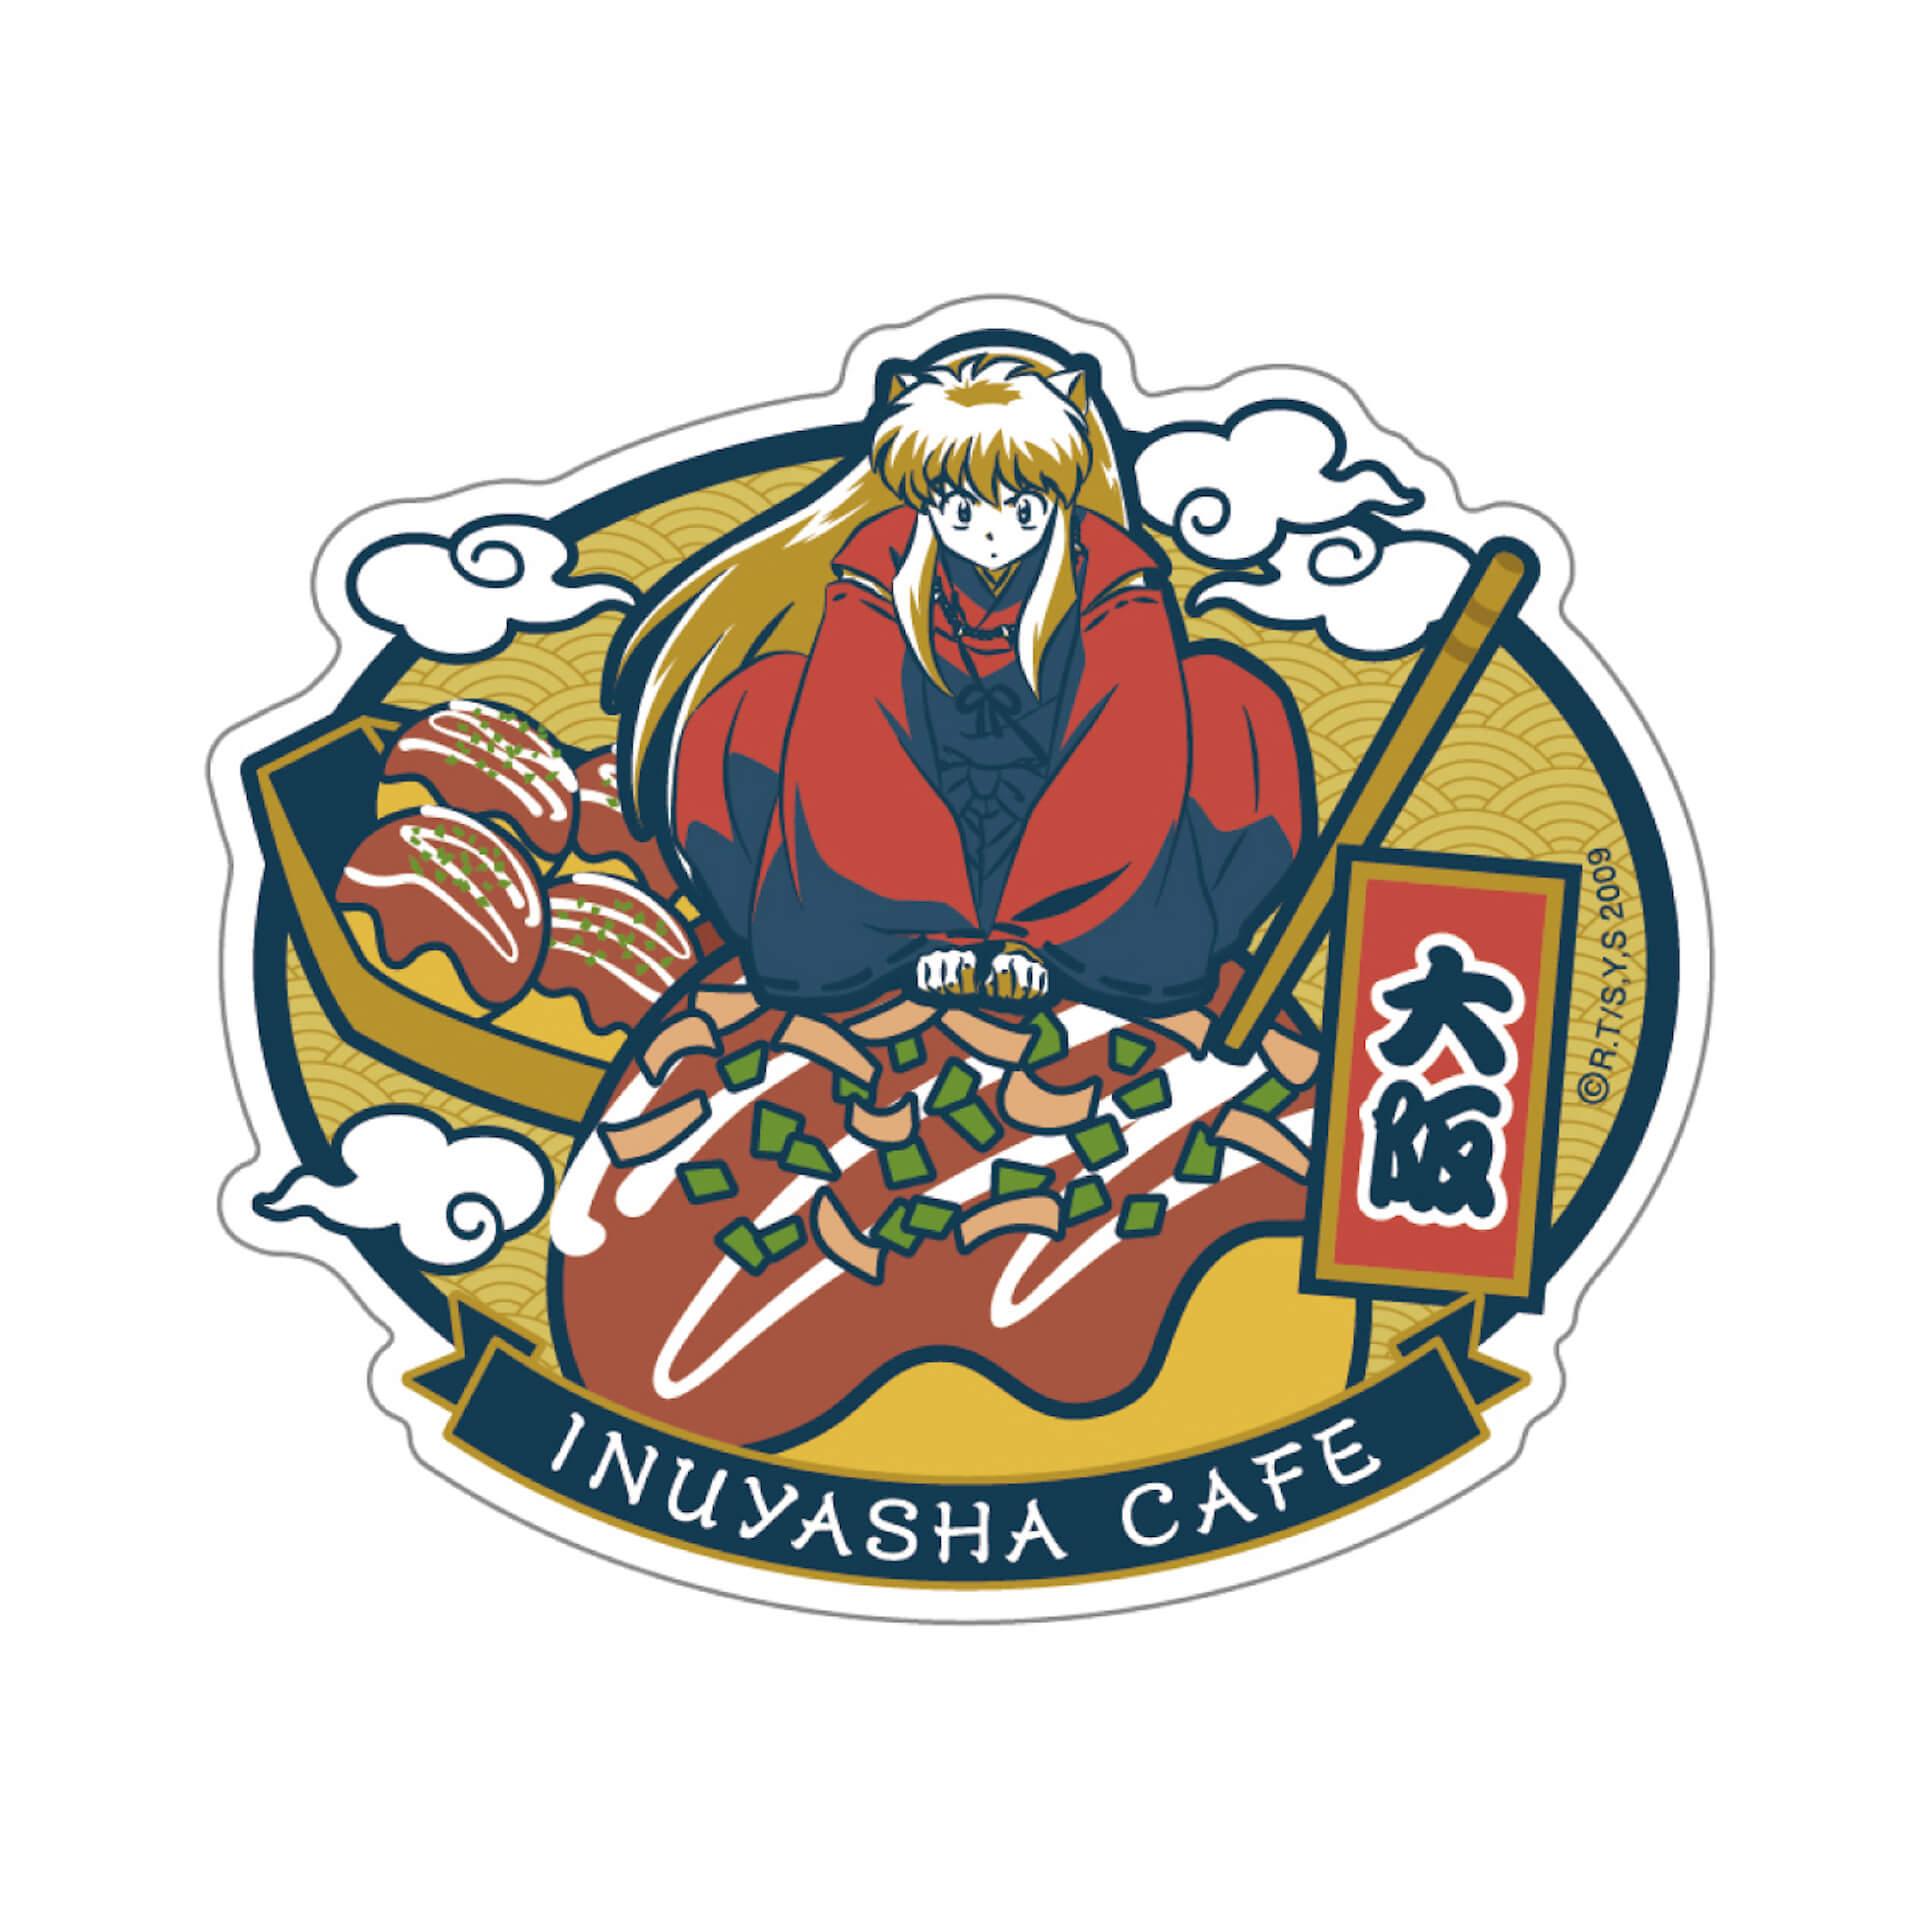 犬夜叉カフェが渋谷PARCOに期間限定オープン決定!名古屋・大阪でも開催&殺生丸・かごめら人気キャラクターの特別グッズも art200717_inuyasha_27